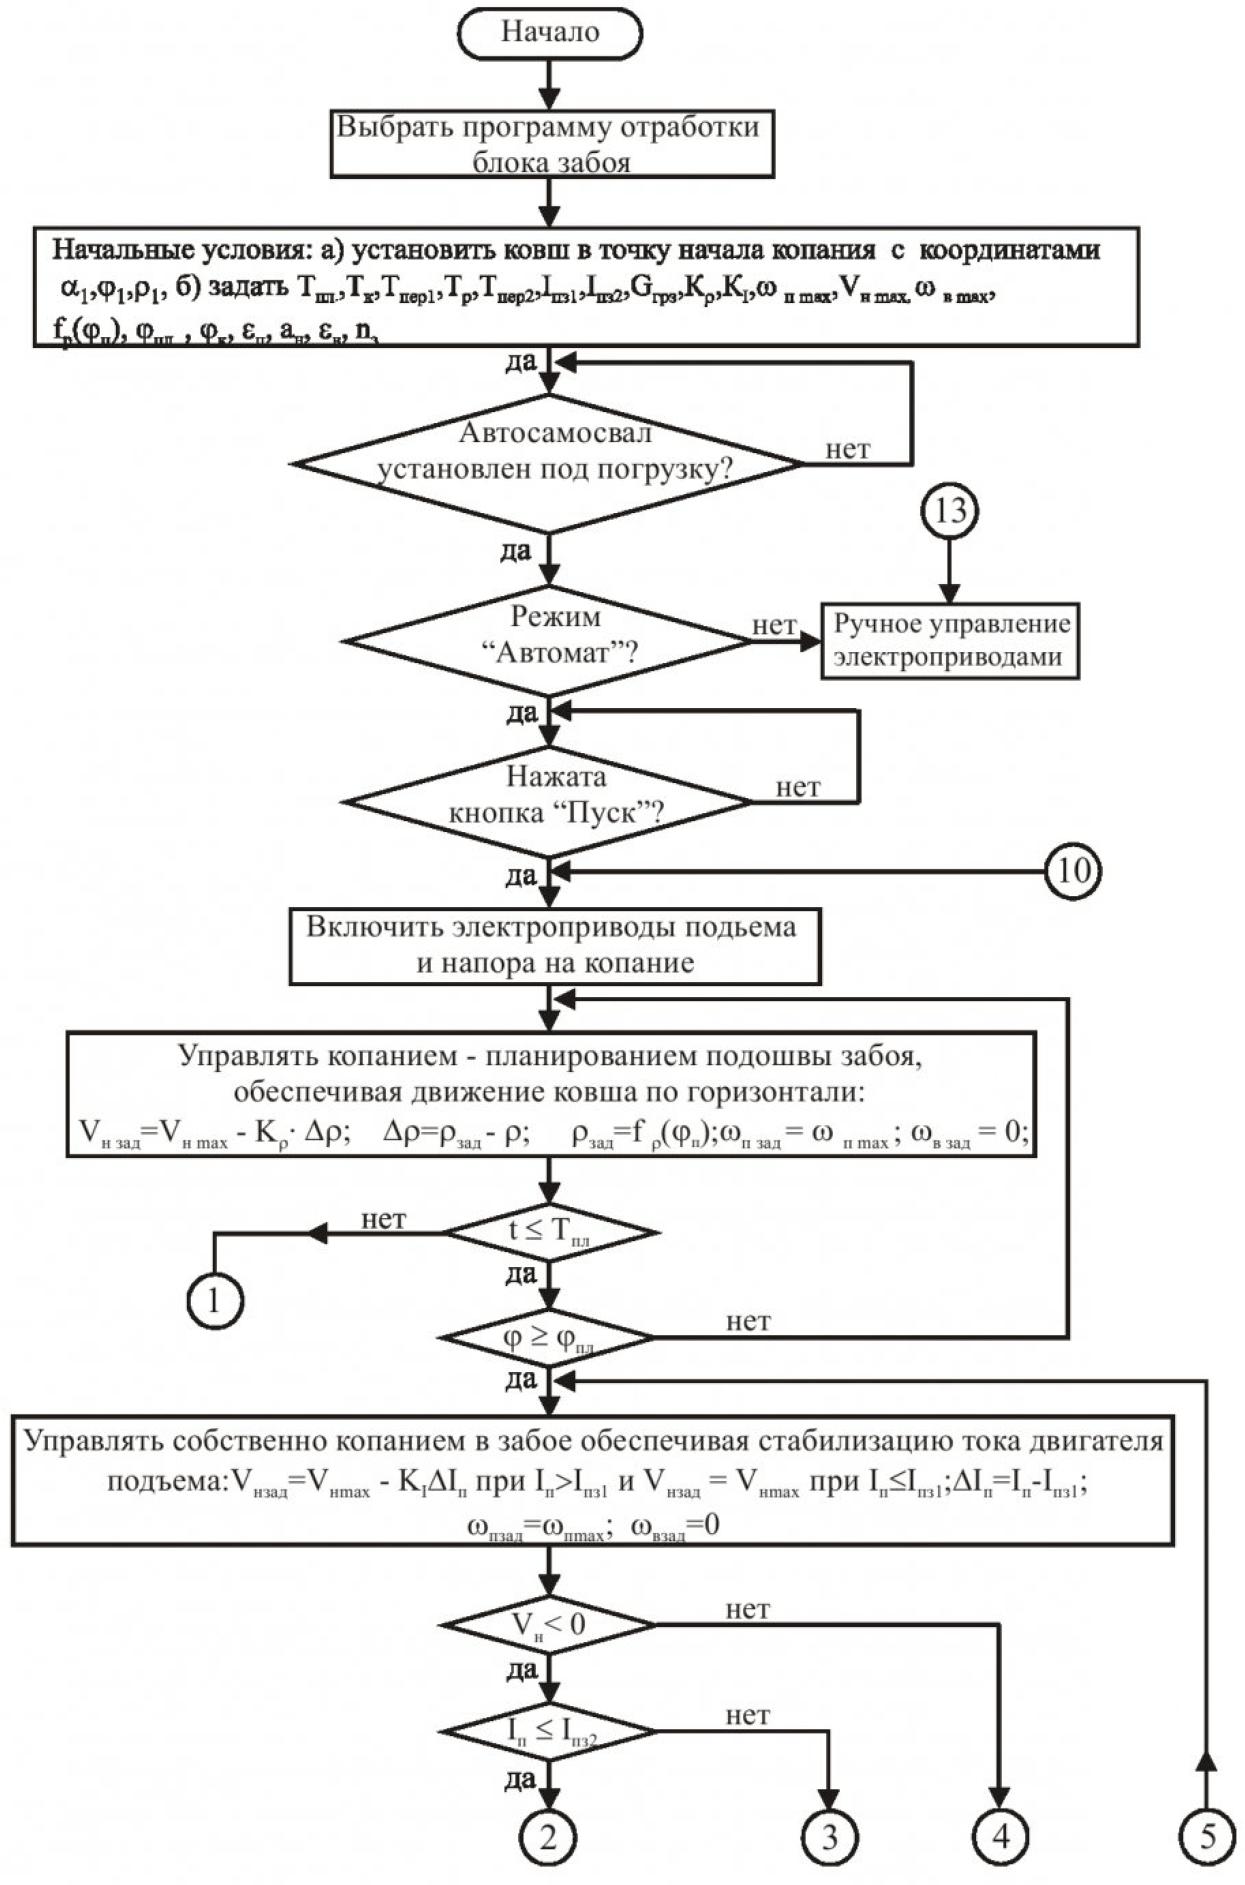 Принципы автоматизированного управления одноковшовым карьерным экскаватором и функциональное диагностирование его электроприводов на основе компьютерных технологий 2